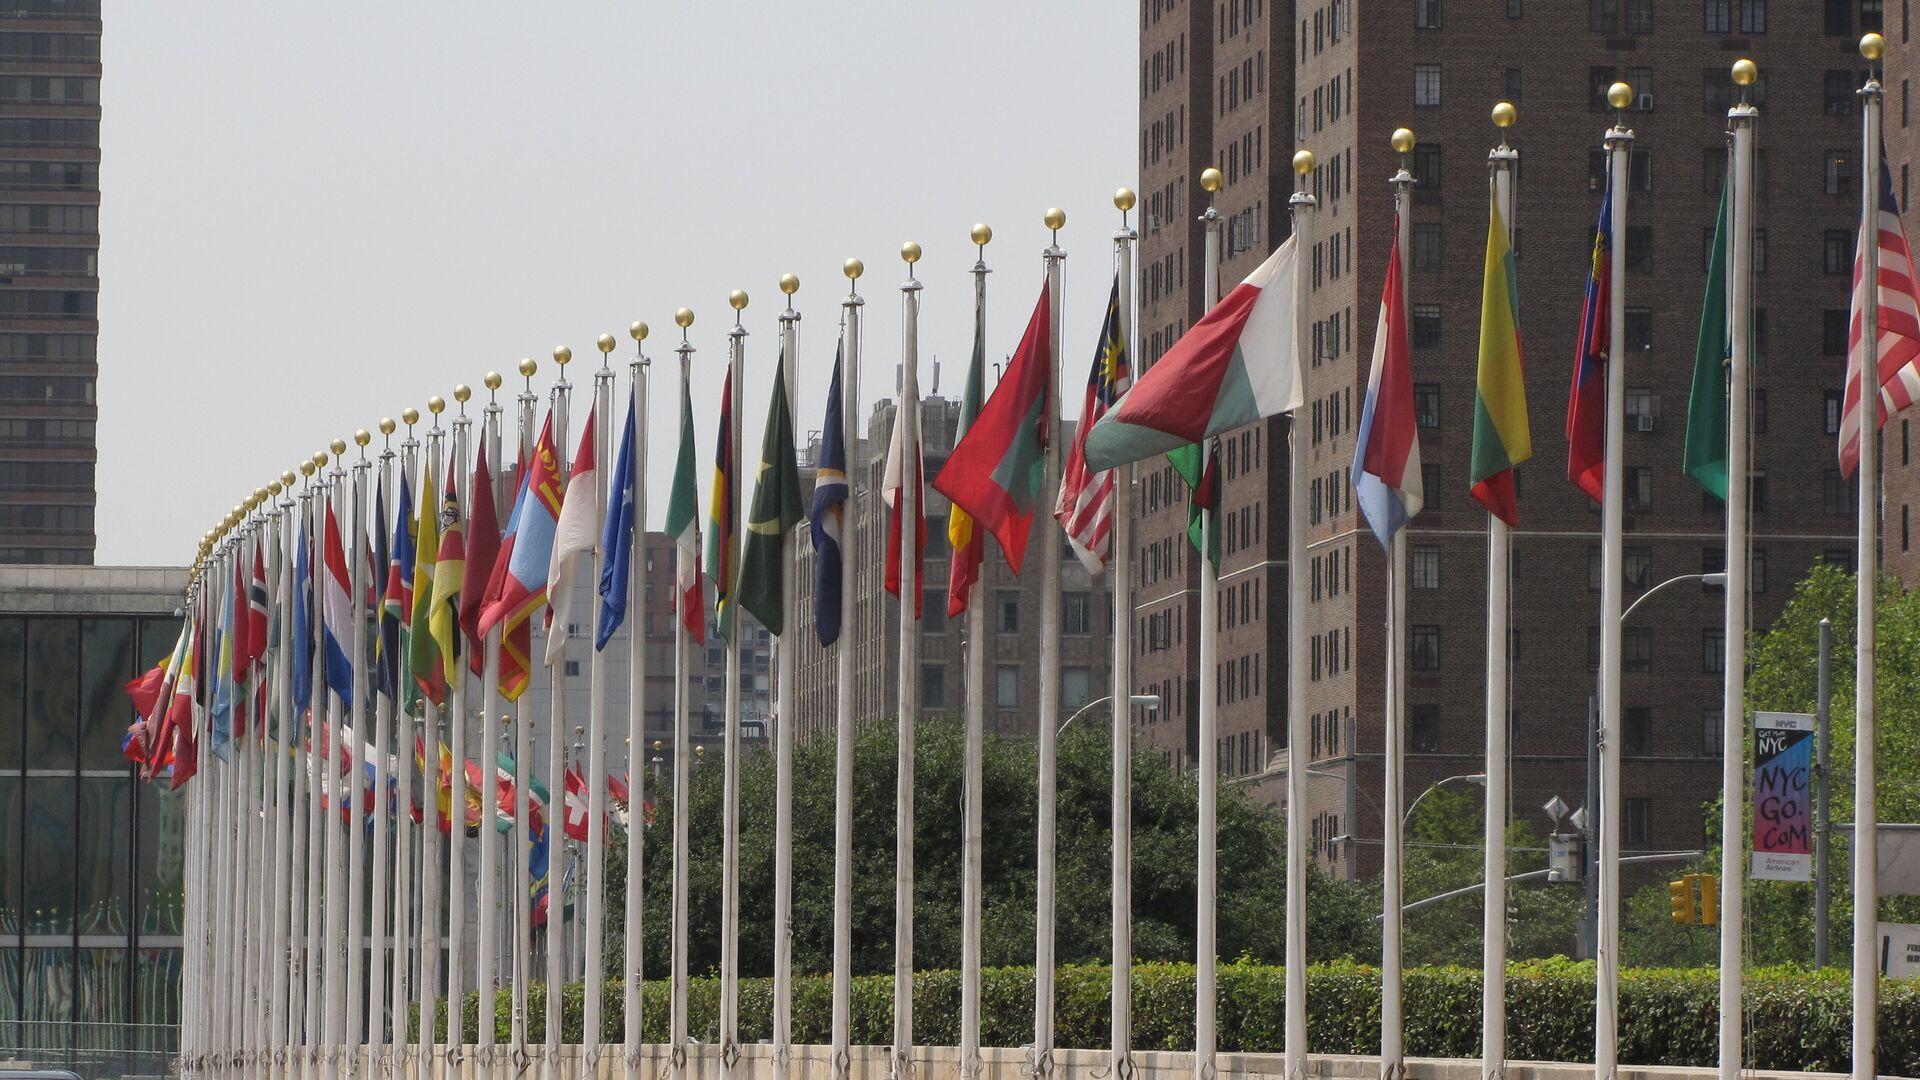 Banderas de los Estados Miembros de las Naciones Unidas frente de la sede de la ONU en Nueva York - Sputnik Mundo, 1920, 13.10.2021